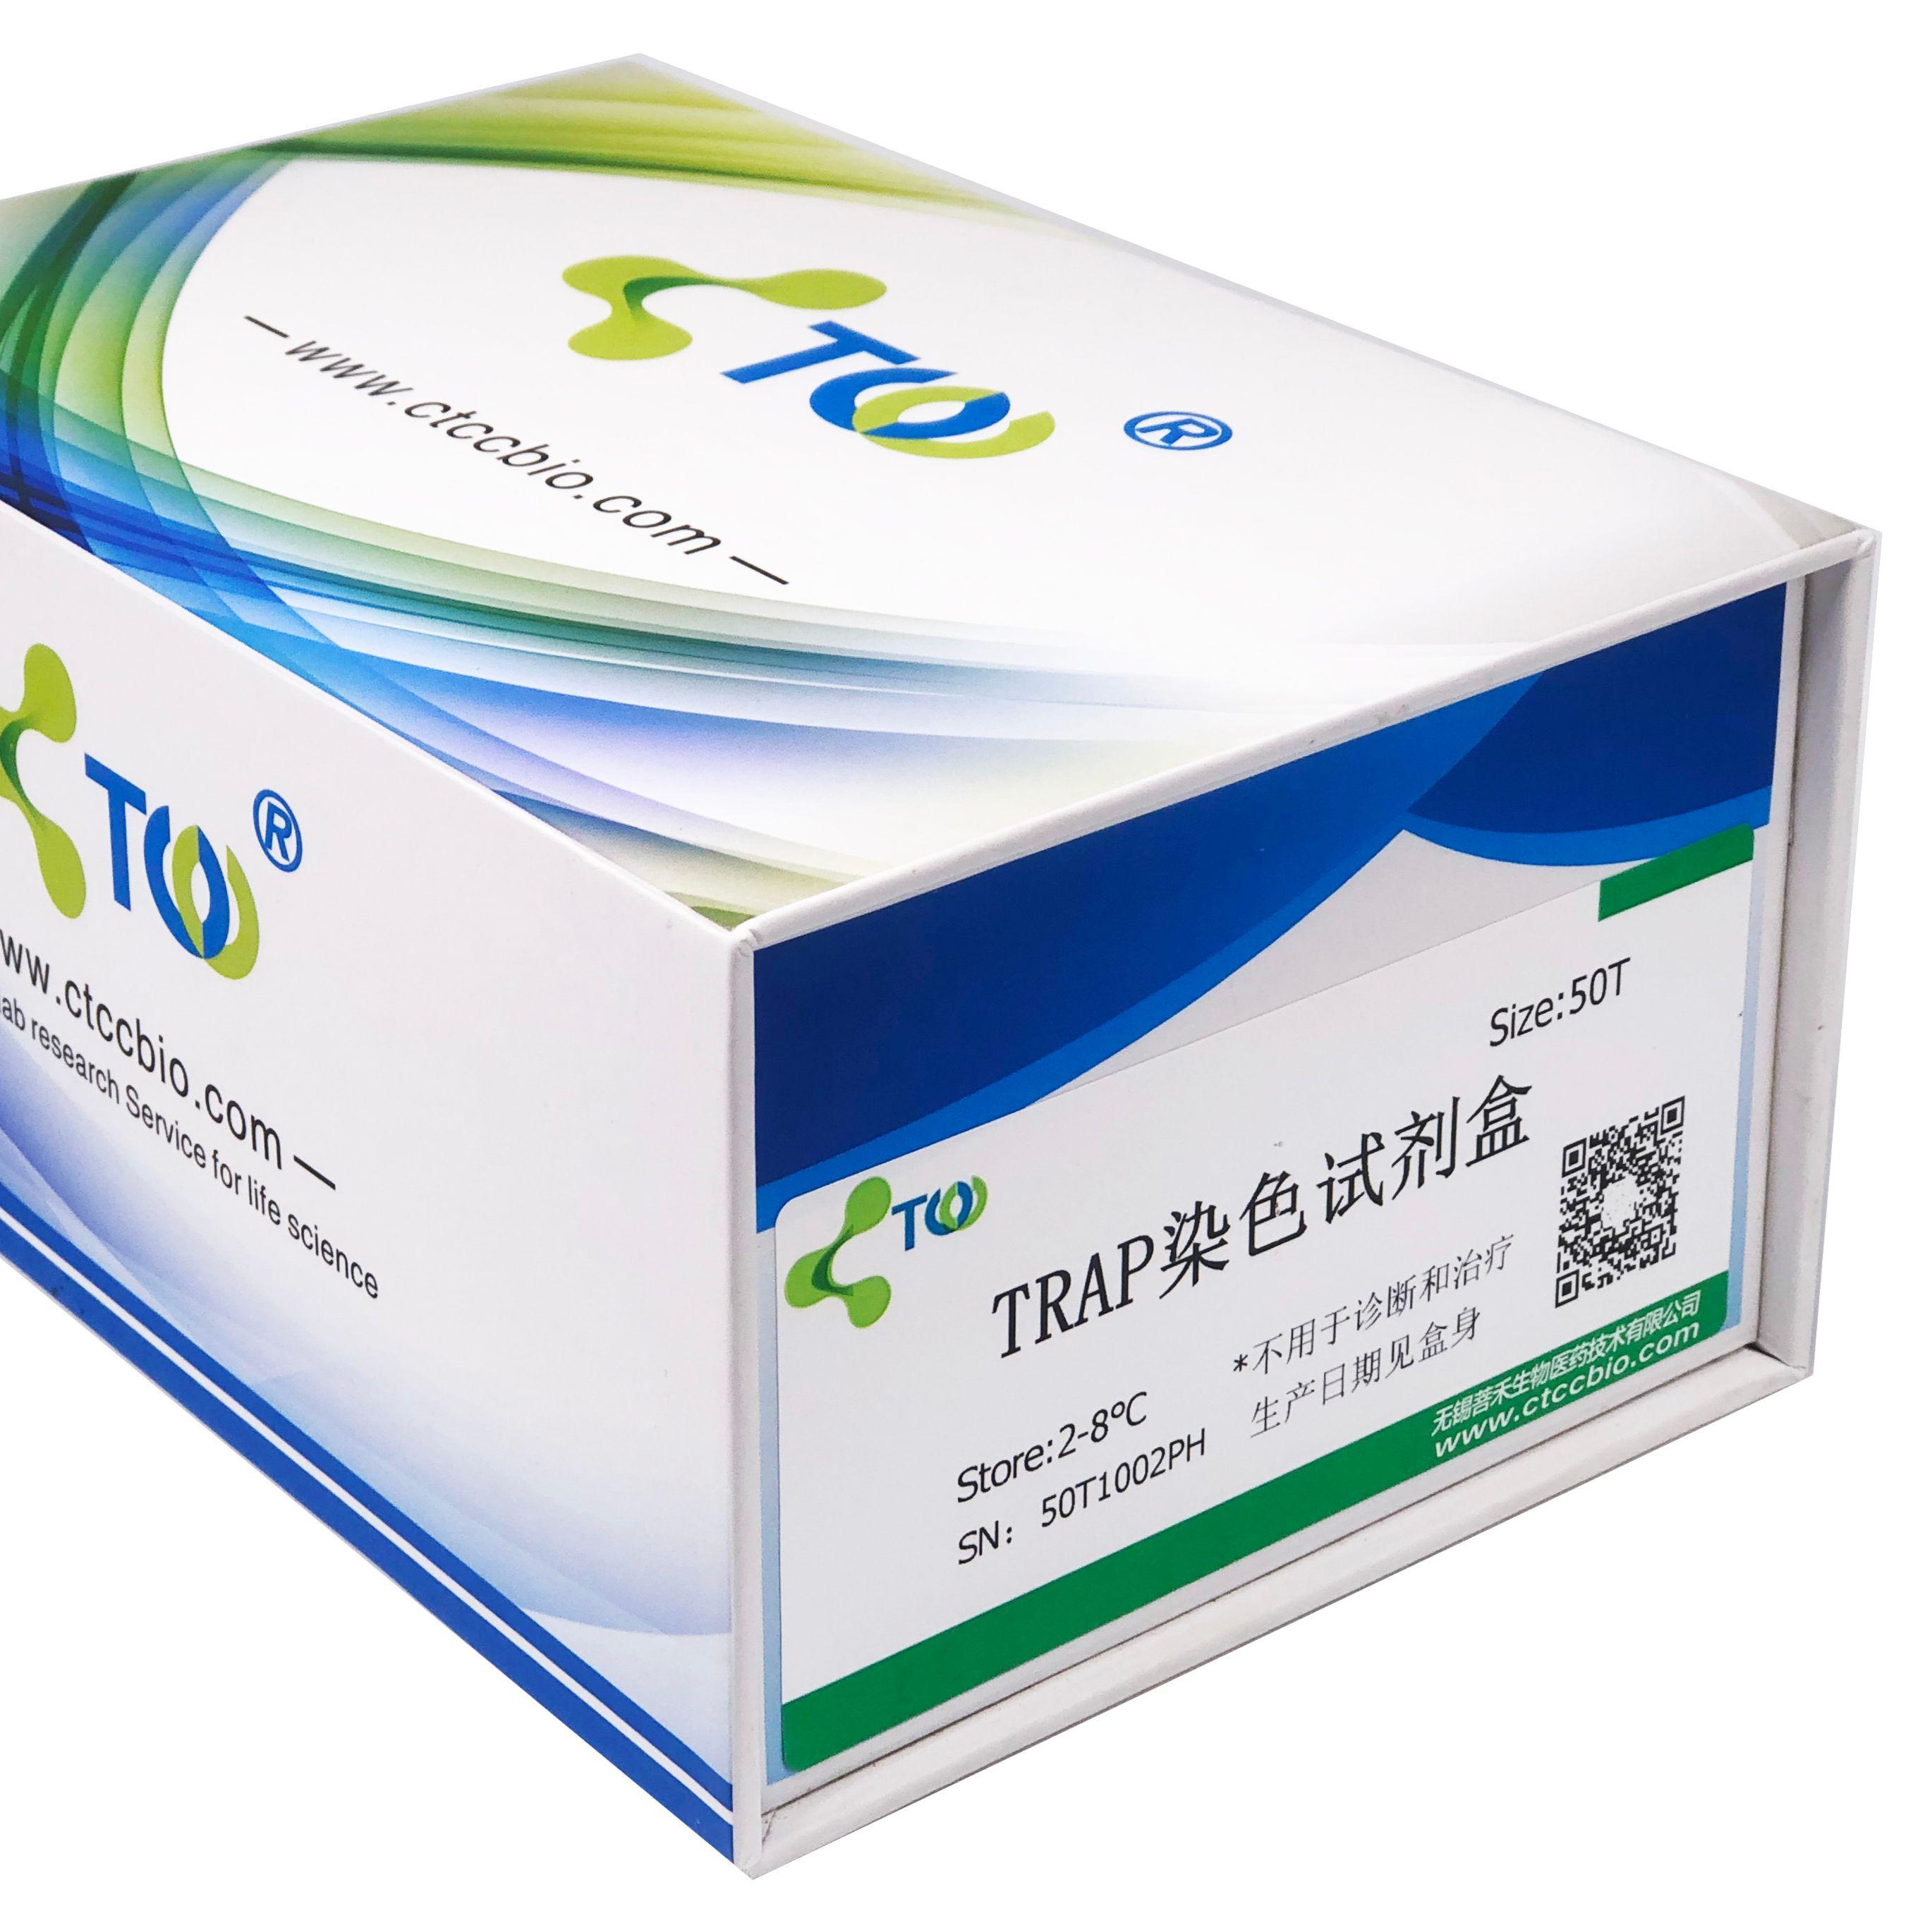 TRAP染色试剂盒